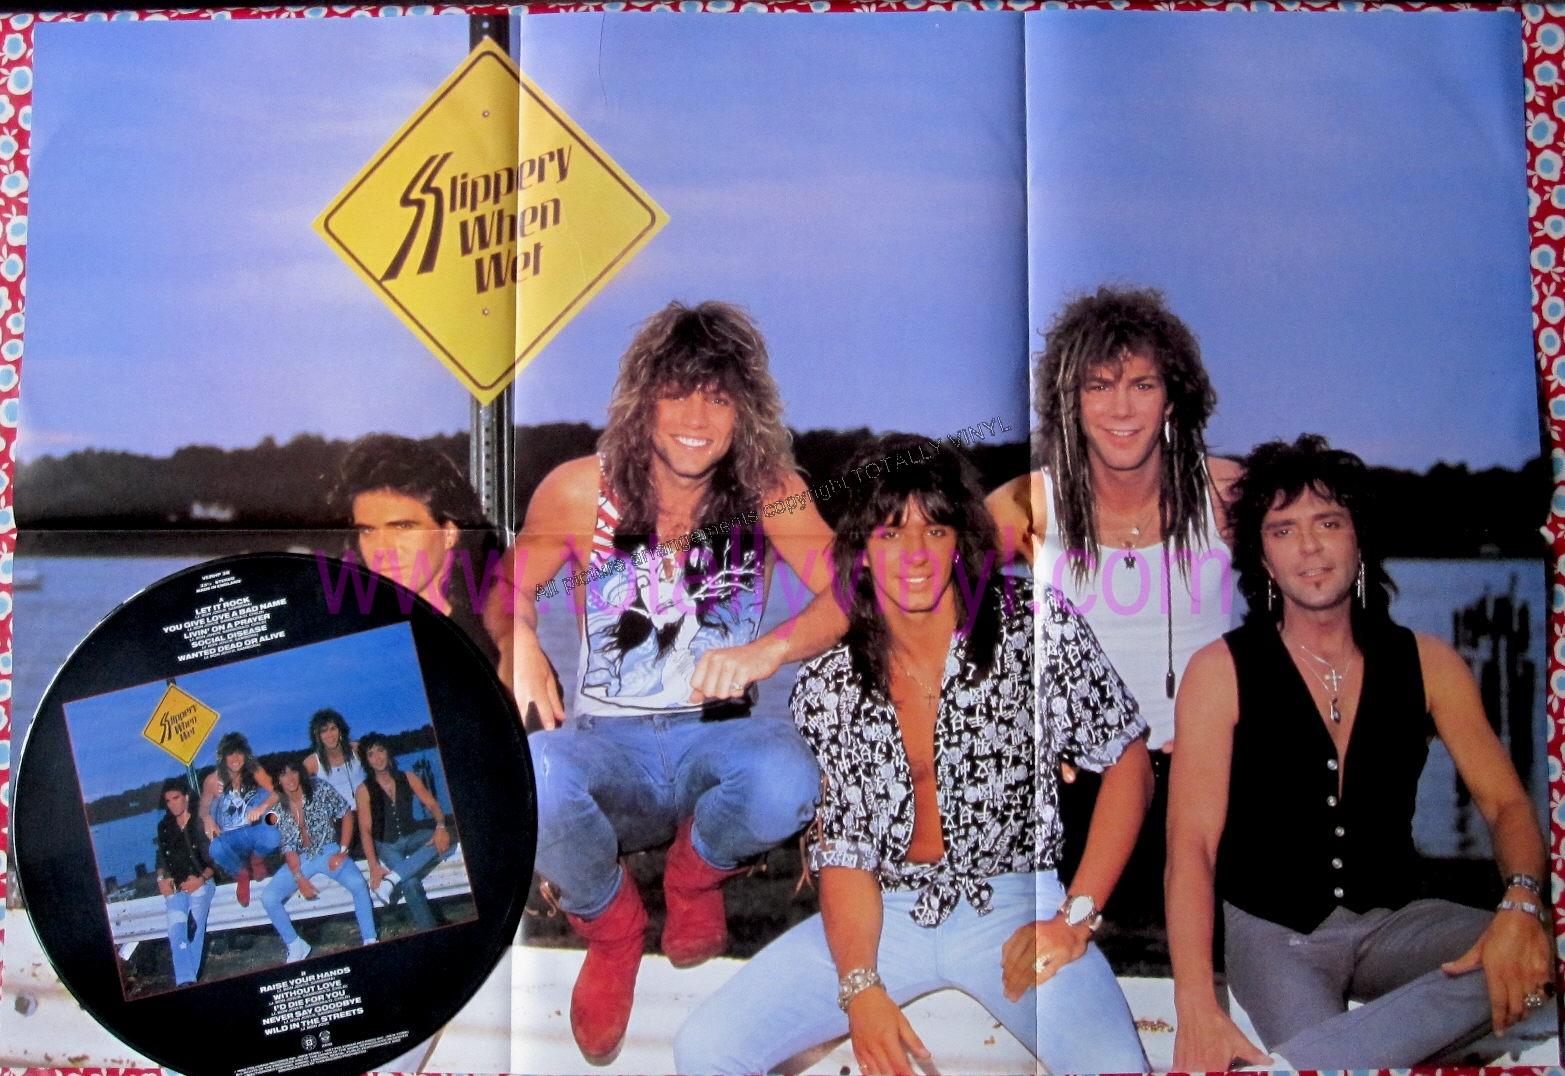 Bon jovi - slippery when wet - vertigo - lp picture disc poster - 80s